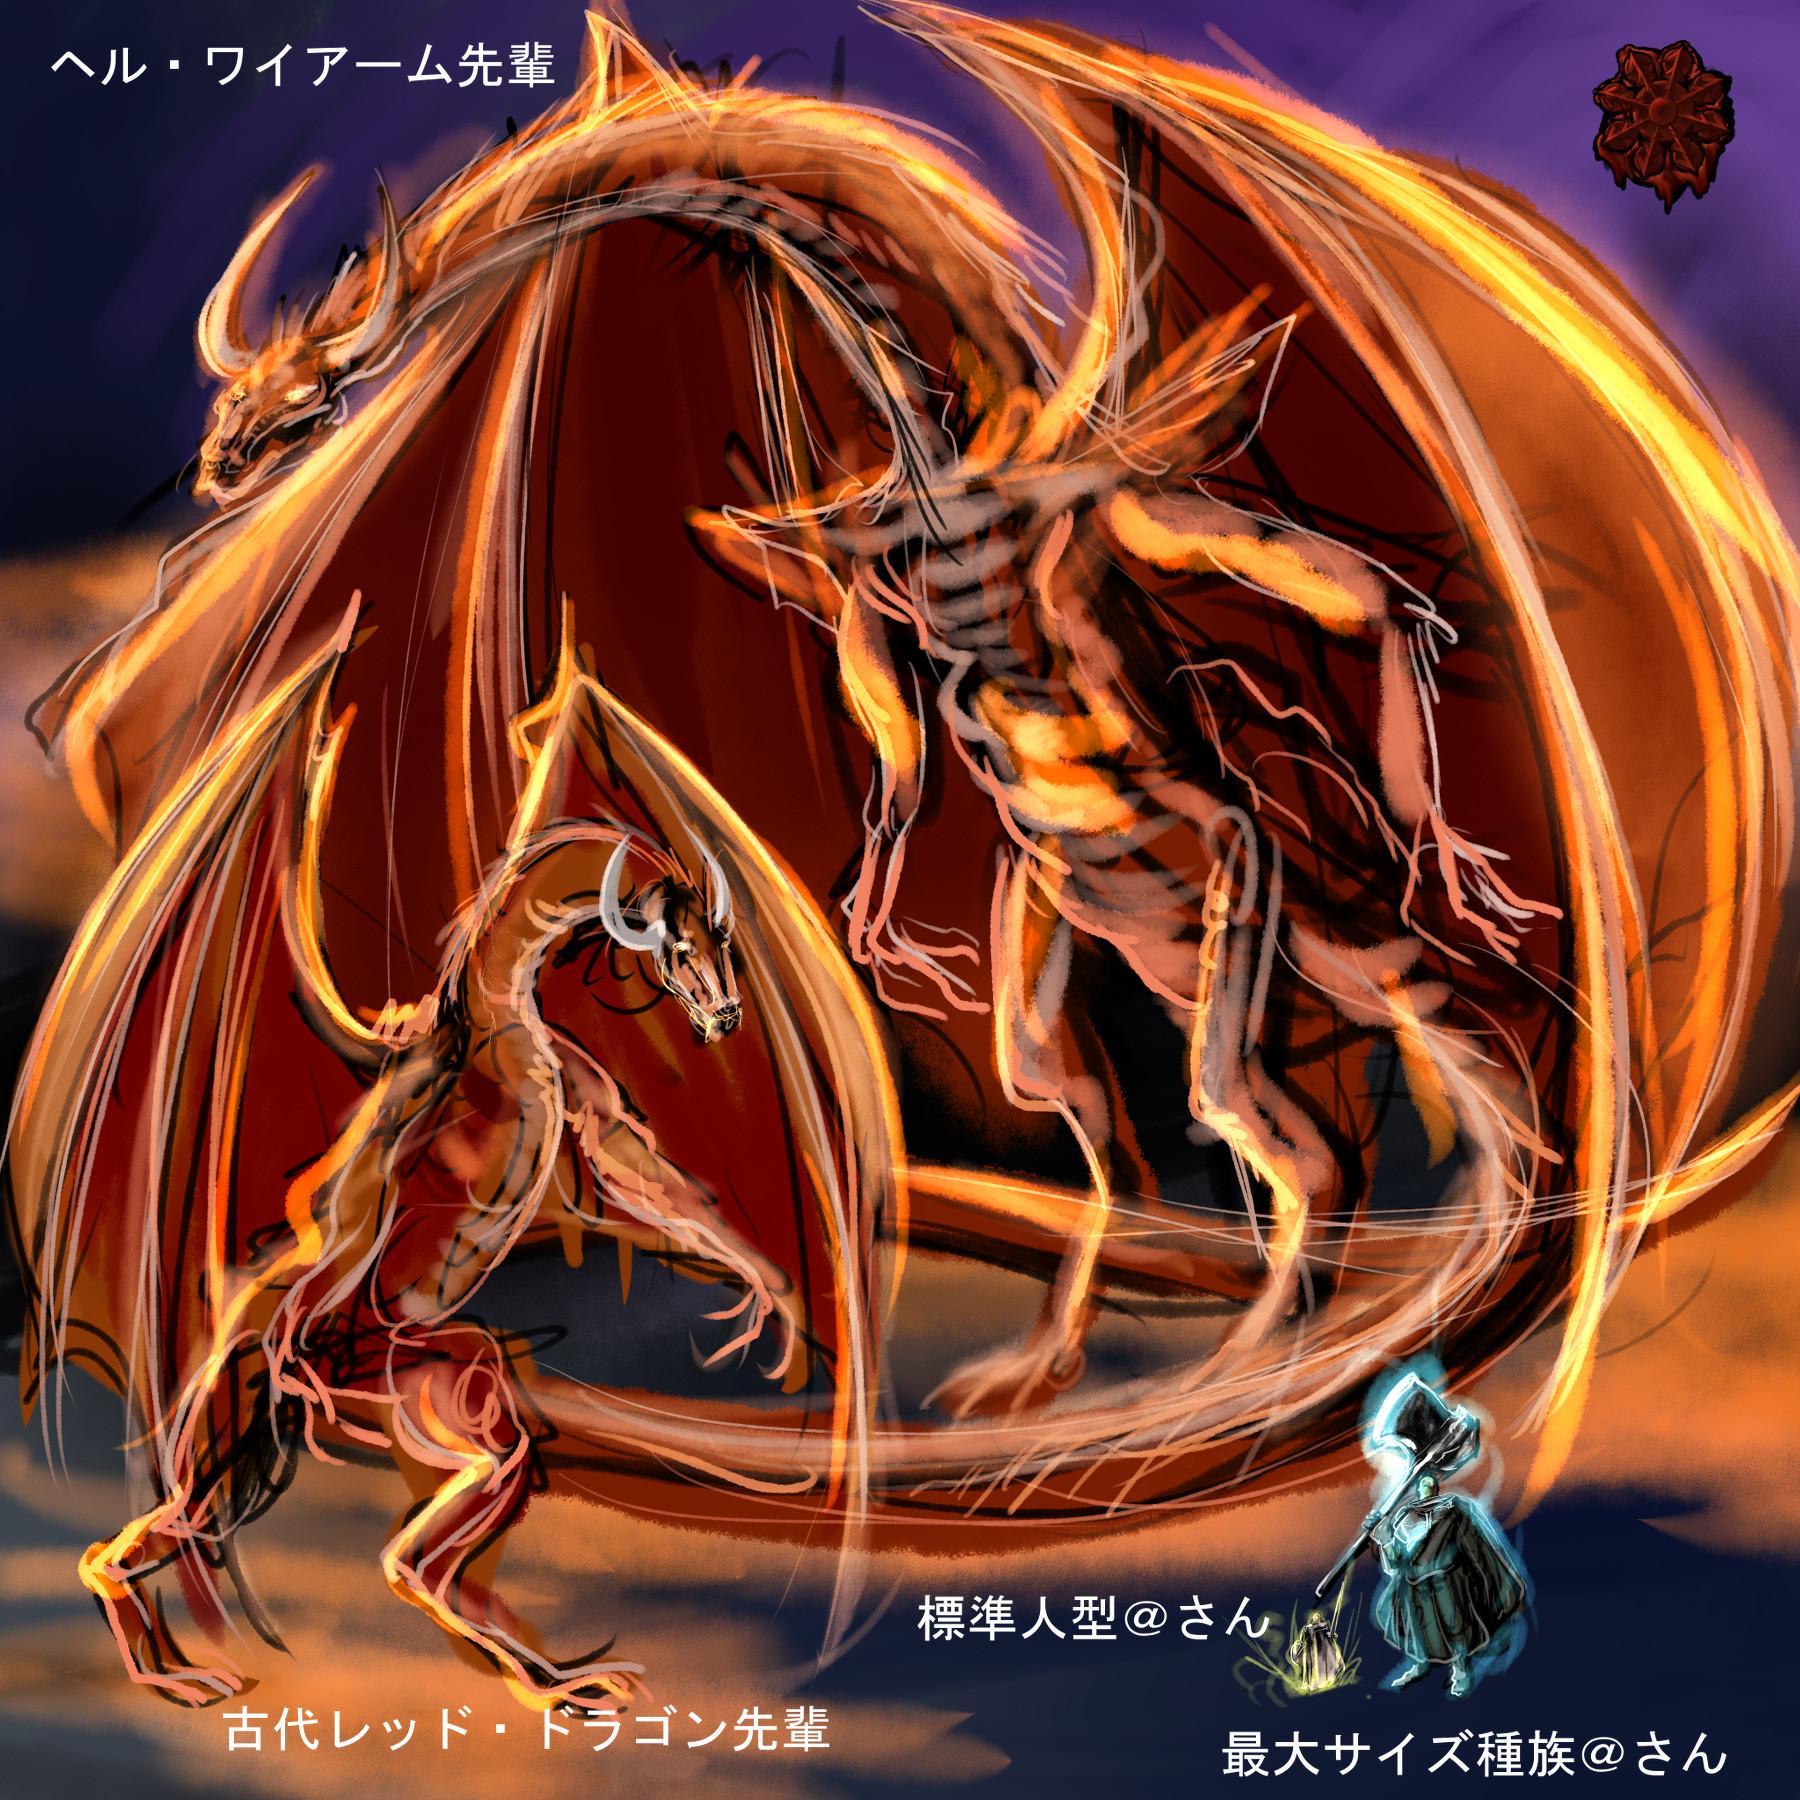 ドラゴン比較イメージ